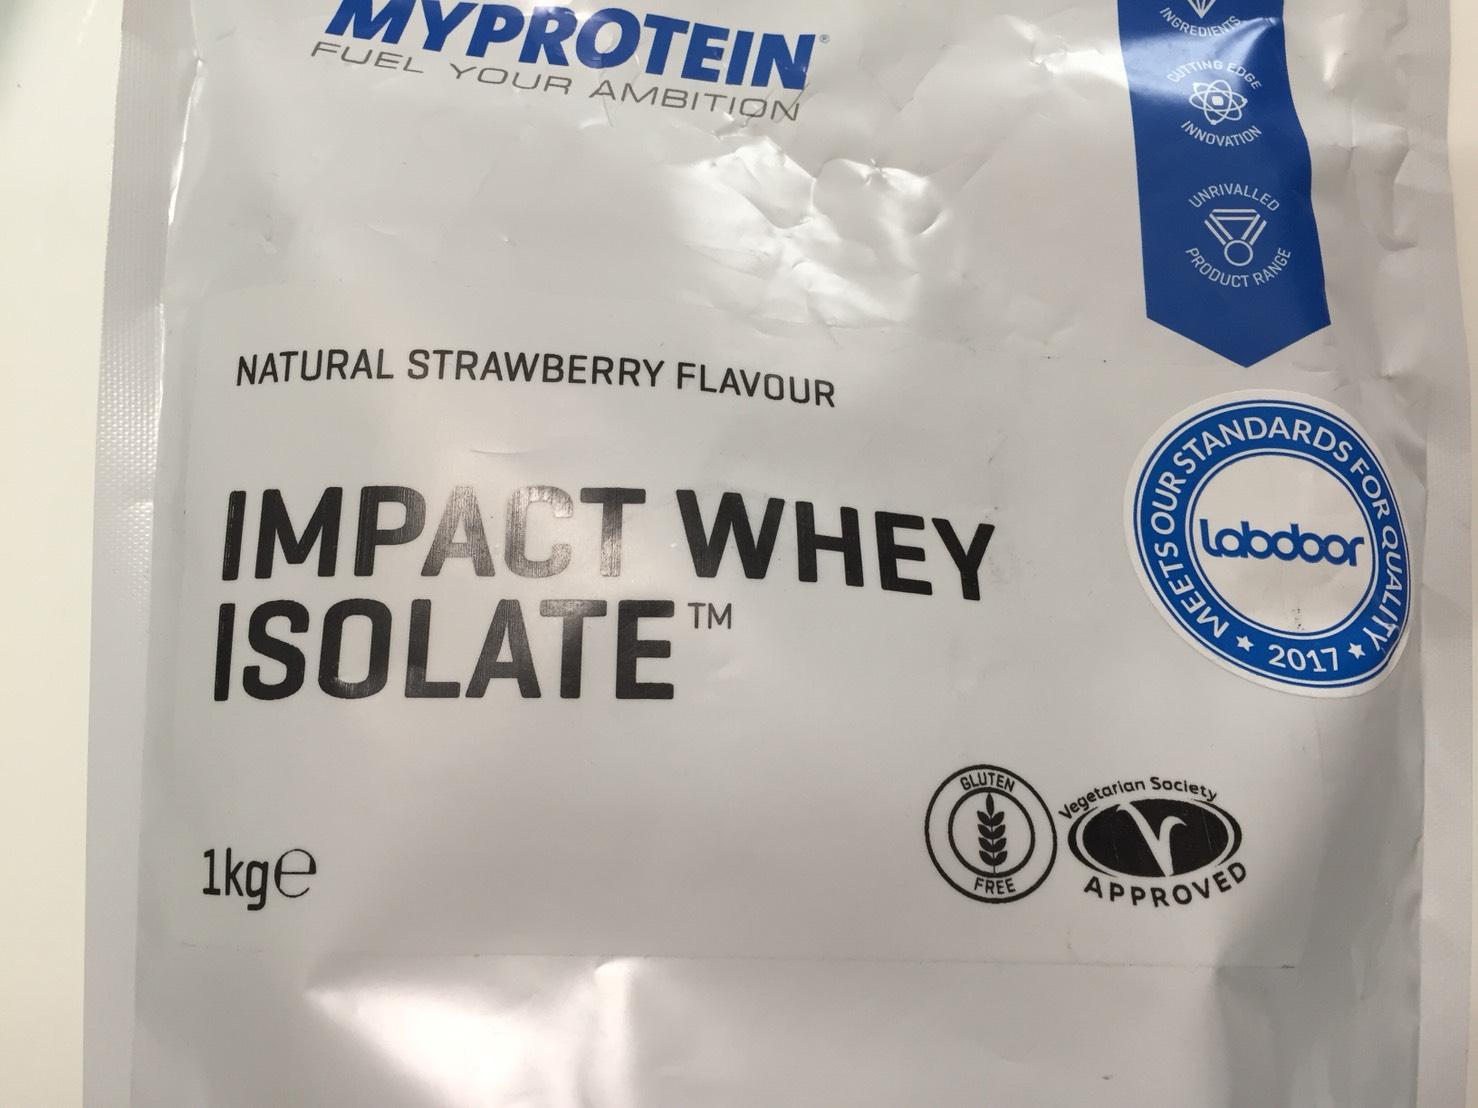 【WPI】IMPACT 分離ホエイプロテイン (アイソレート)「NATURAL STRAWBERRY FLAVOUR(ナチュラルストロベリー味)」